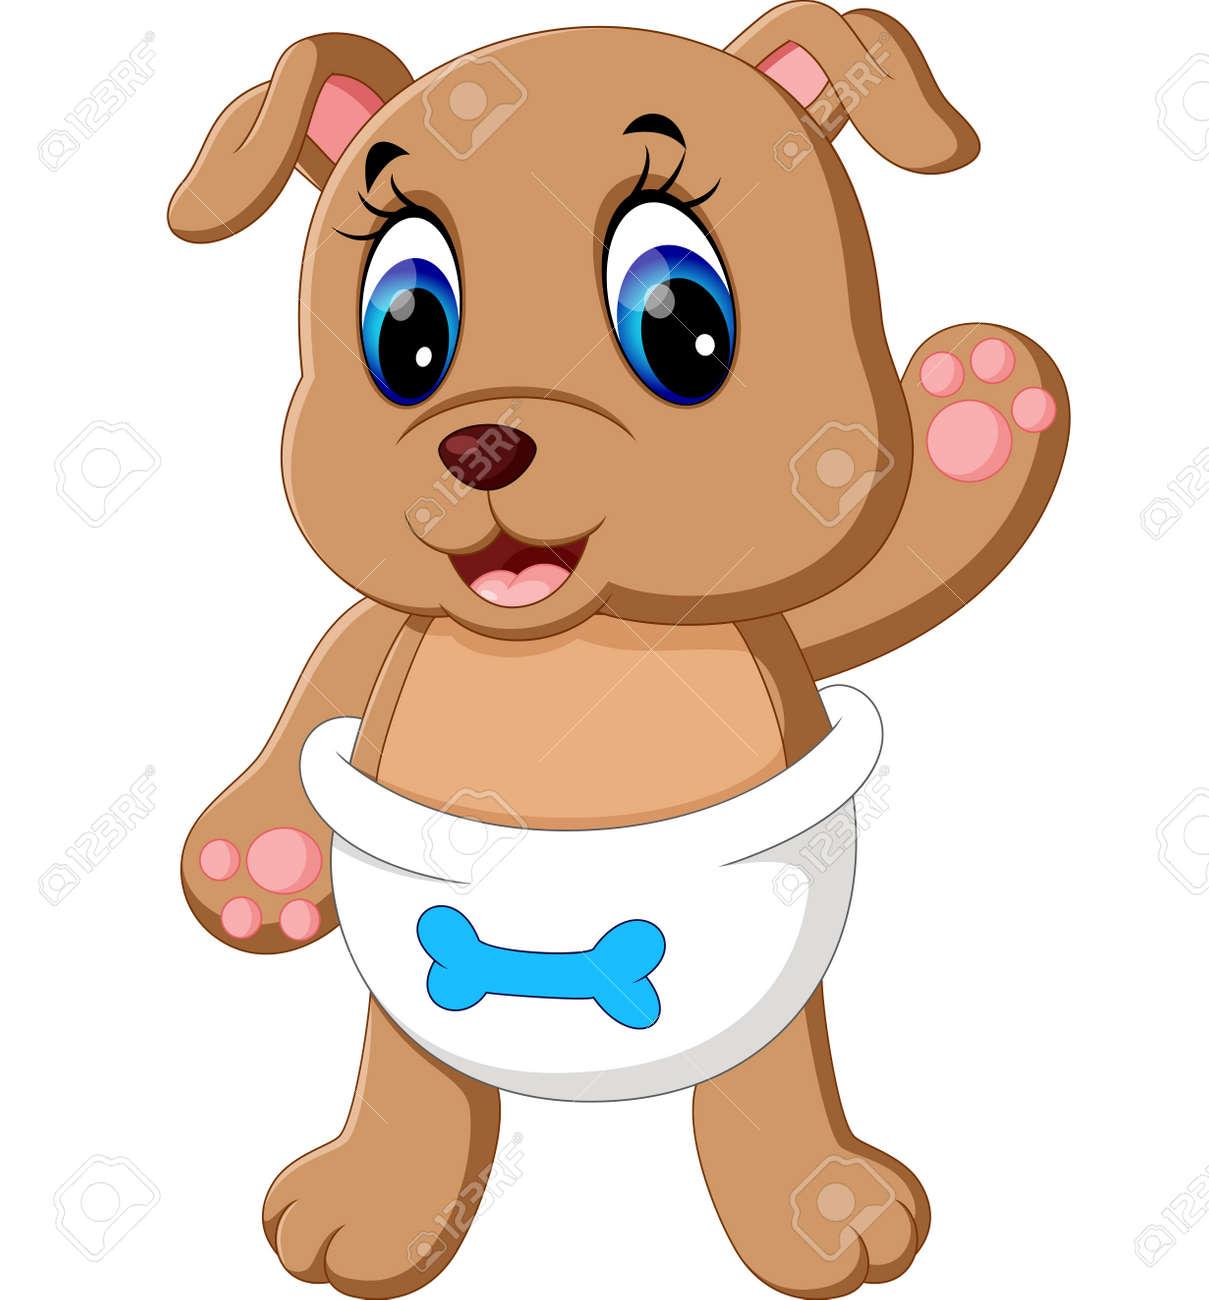 Ilustración De Dibujos Animados De Perro Lindo Del Bebé